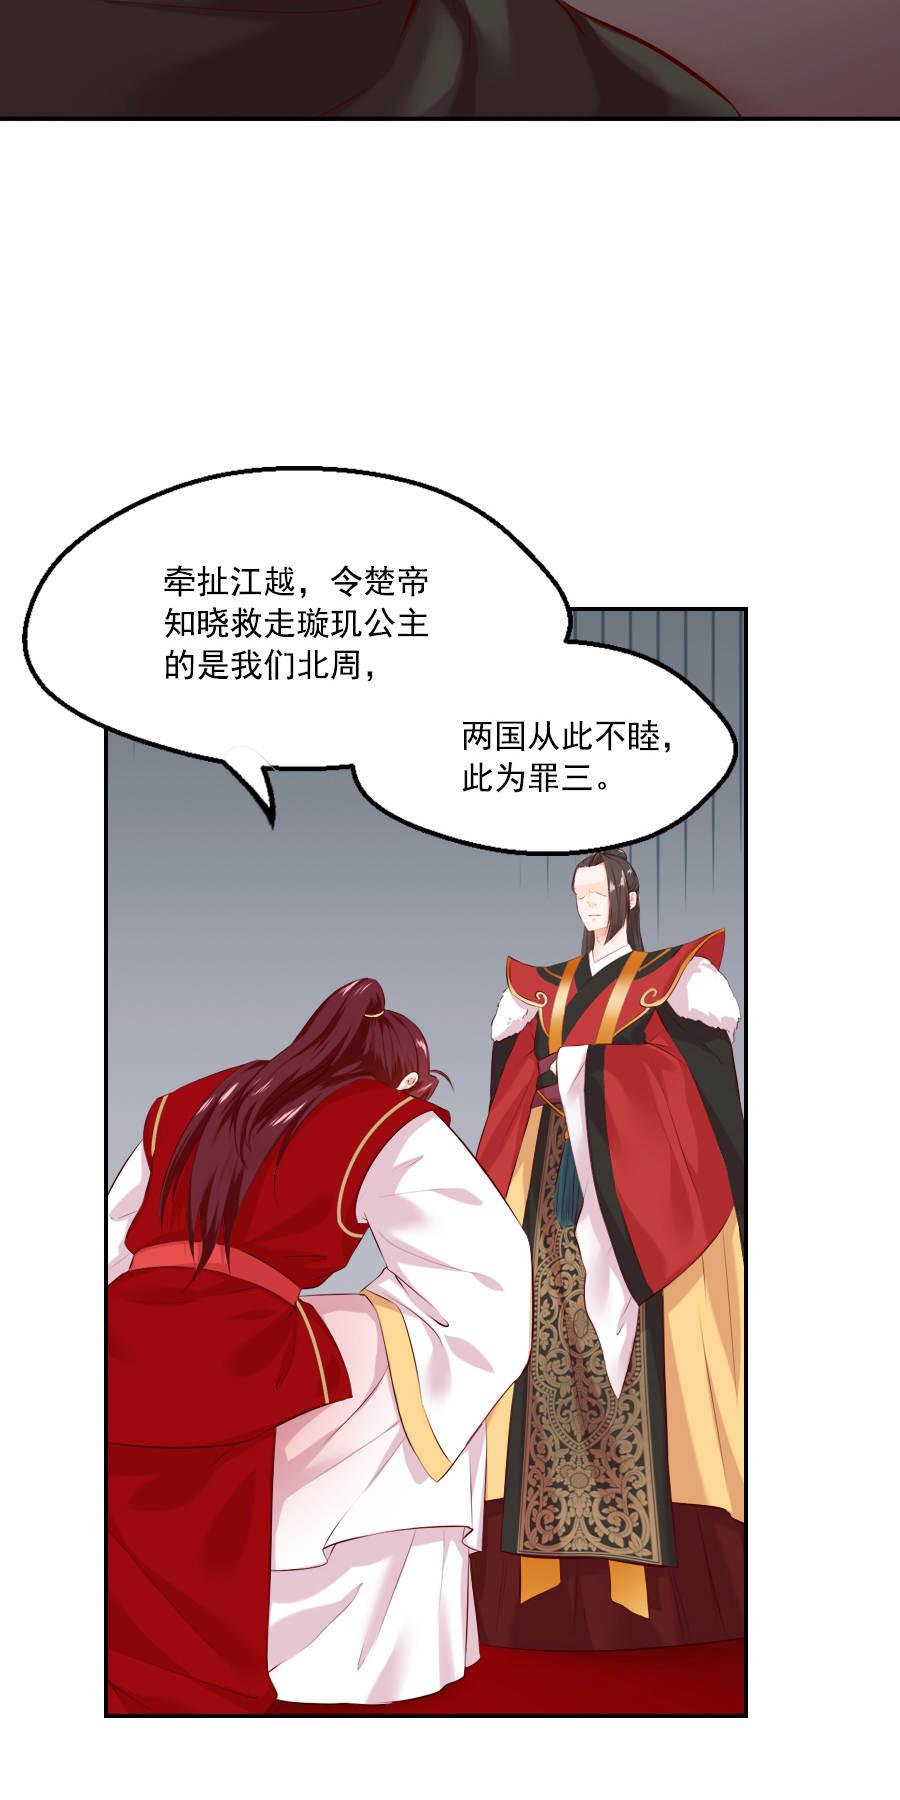 盛世帝王妃第52话  疑心暗生 第 4